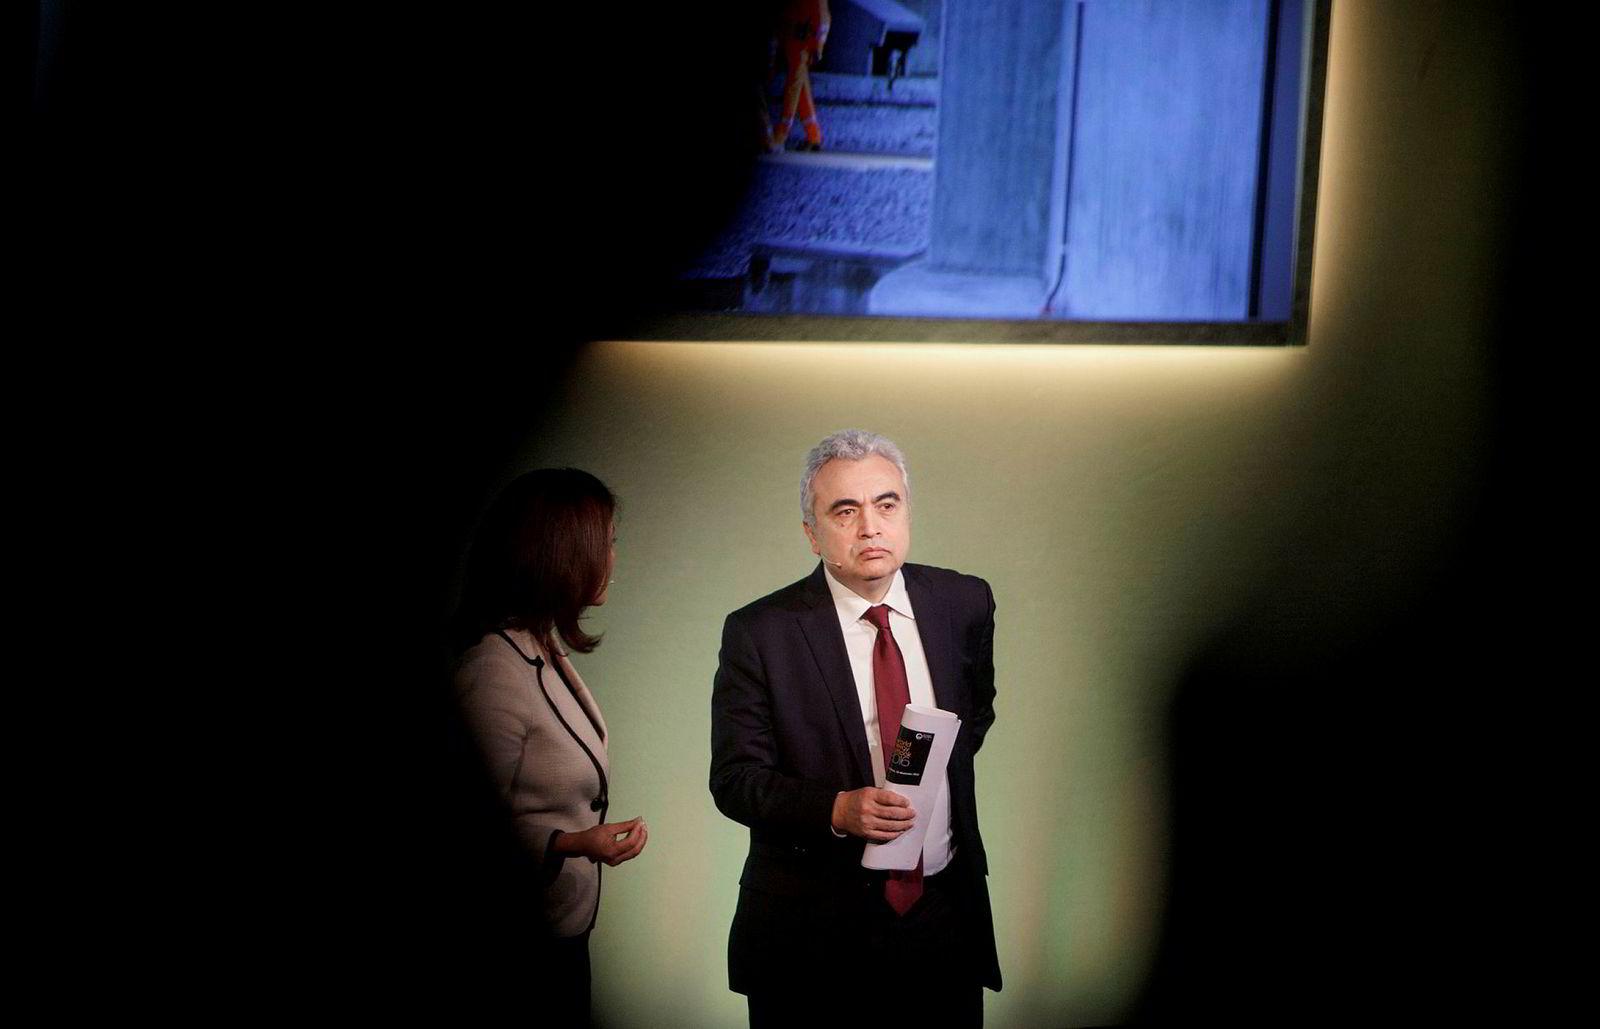 Fatih Birol har siden september 2015 vært sjef for Det internasjonale energibyrået (IEA). Her snakker han på Statoils høstkonferanse.